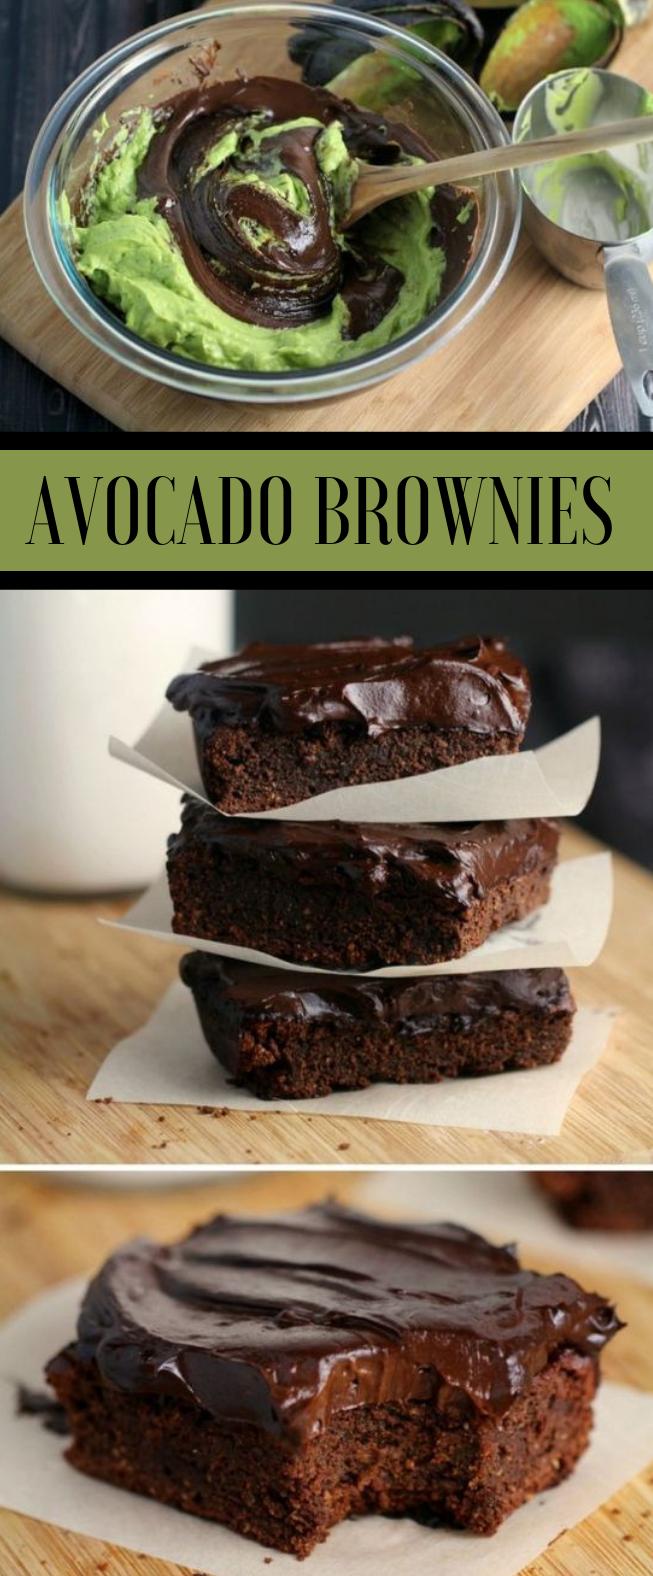 FUDGY AVOCADO BROWNIES WITH AVOCADO FROSTING #avocado #dessert